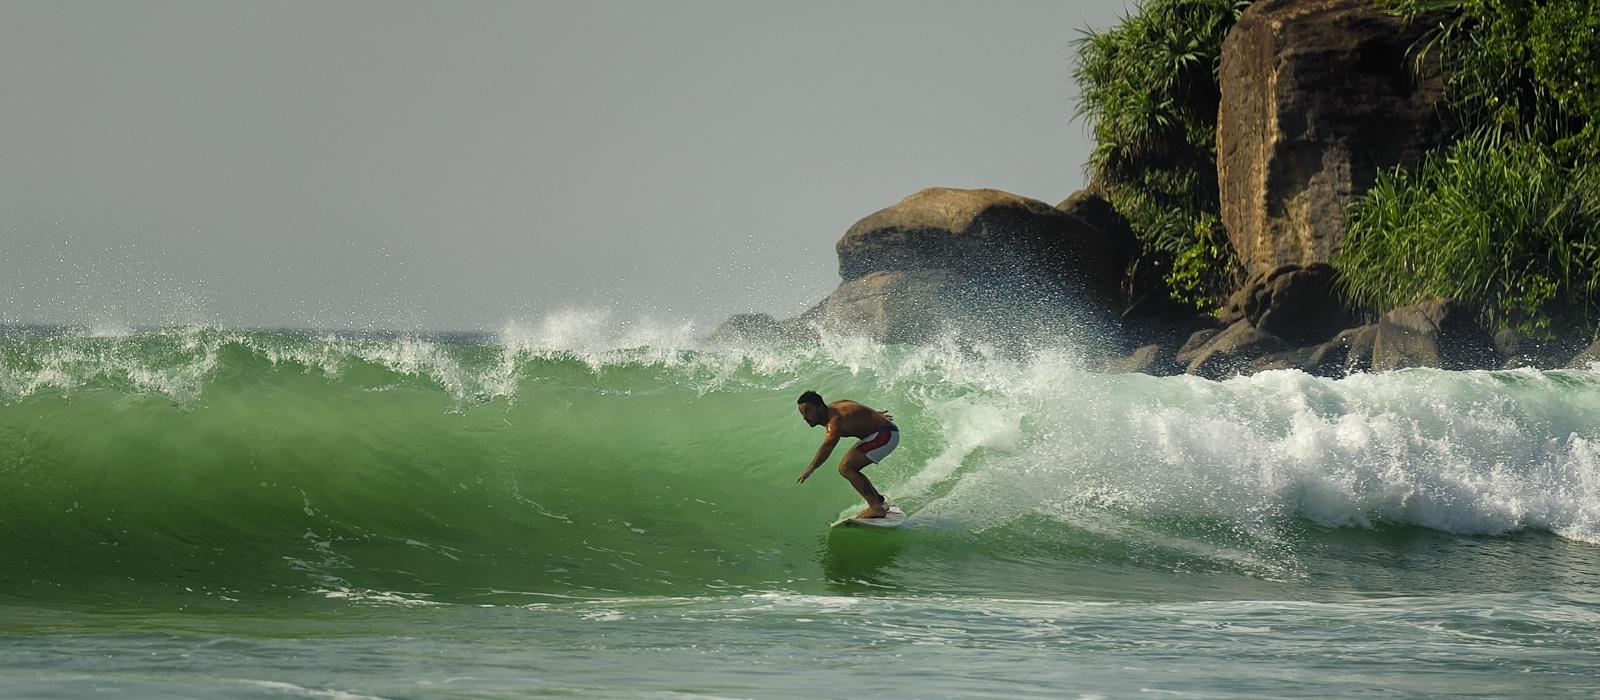 img-diapo-entete - Sri-Lanka-1600x700-3.jpg